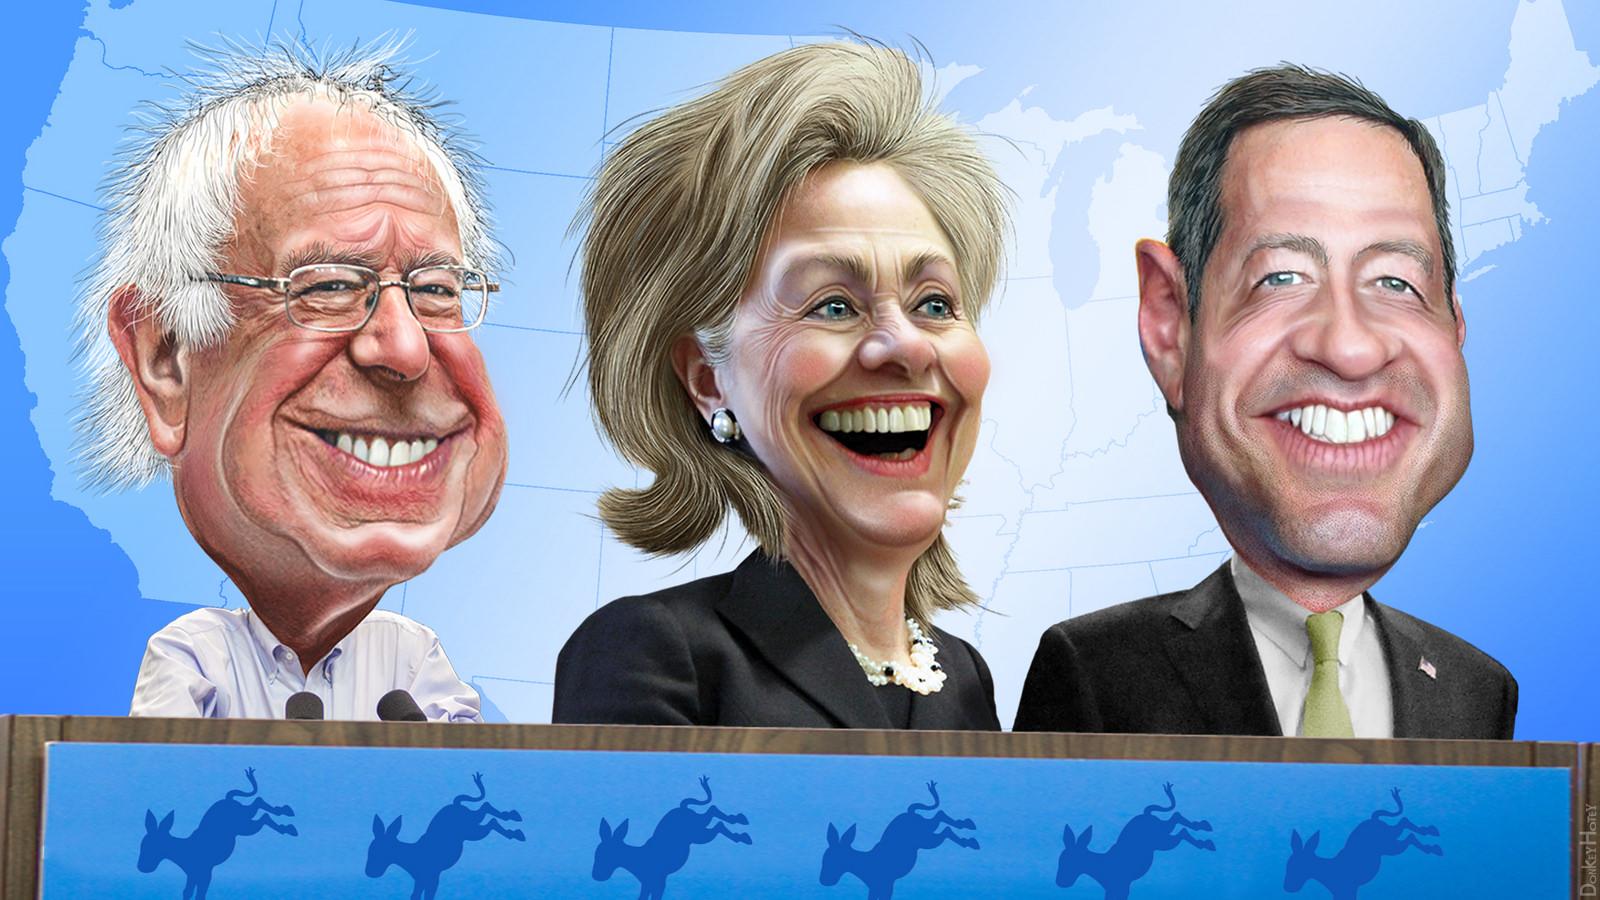 Bernie, Hillary & O'Malley